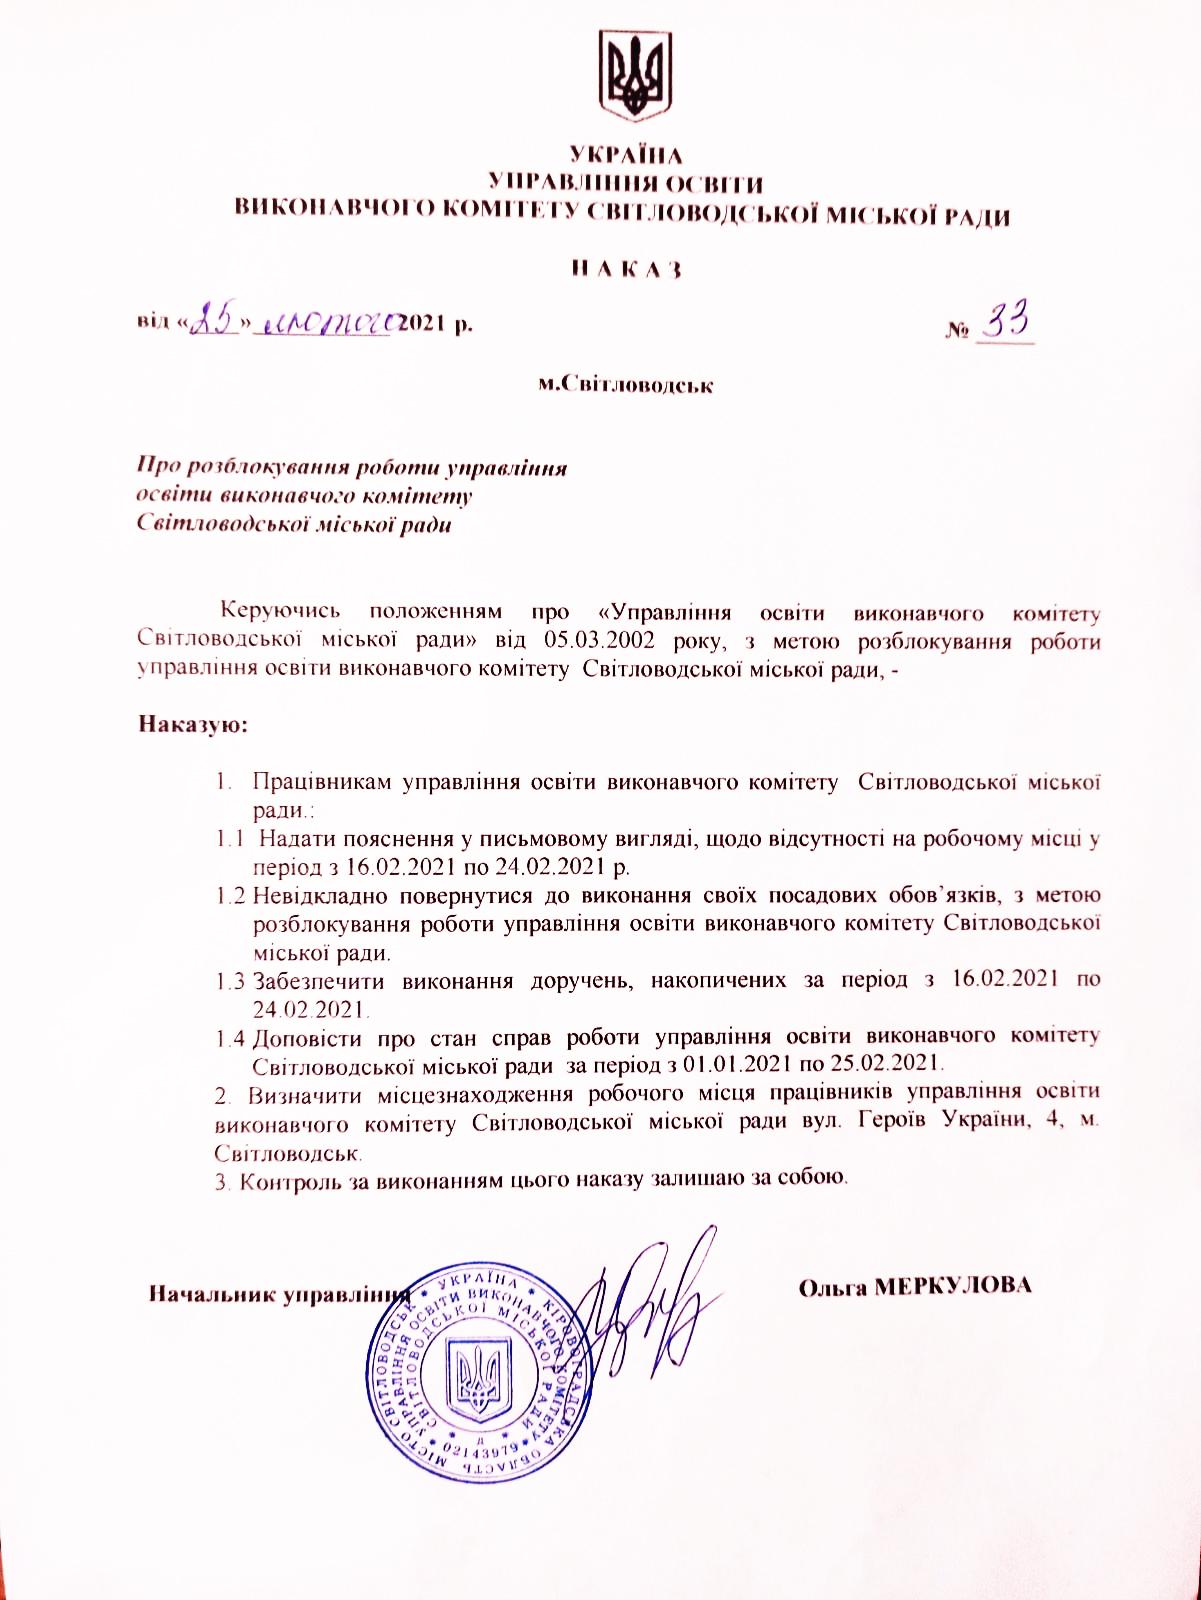 Наказ Про розблокування роботи Управління освіти виконавчого комітету Світловодської міської ради